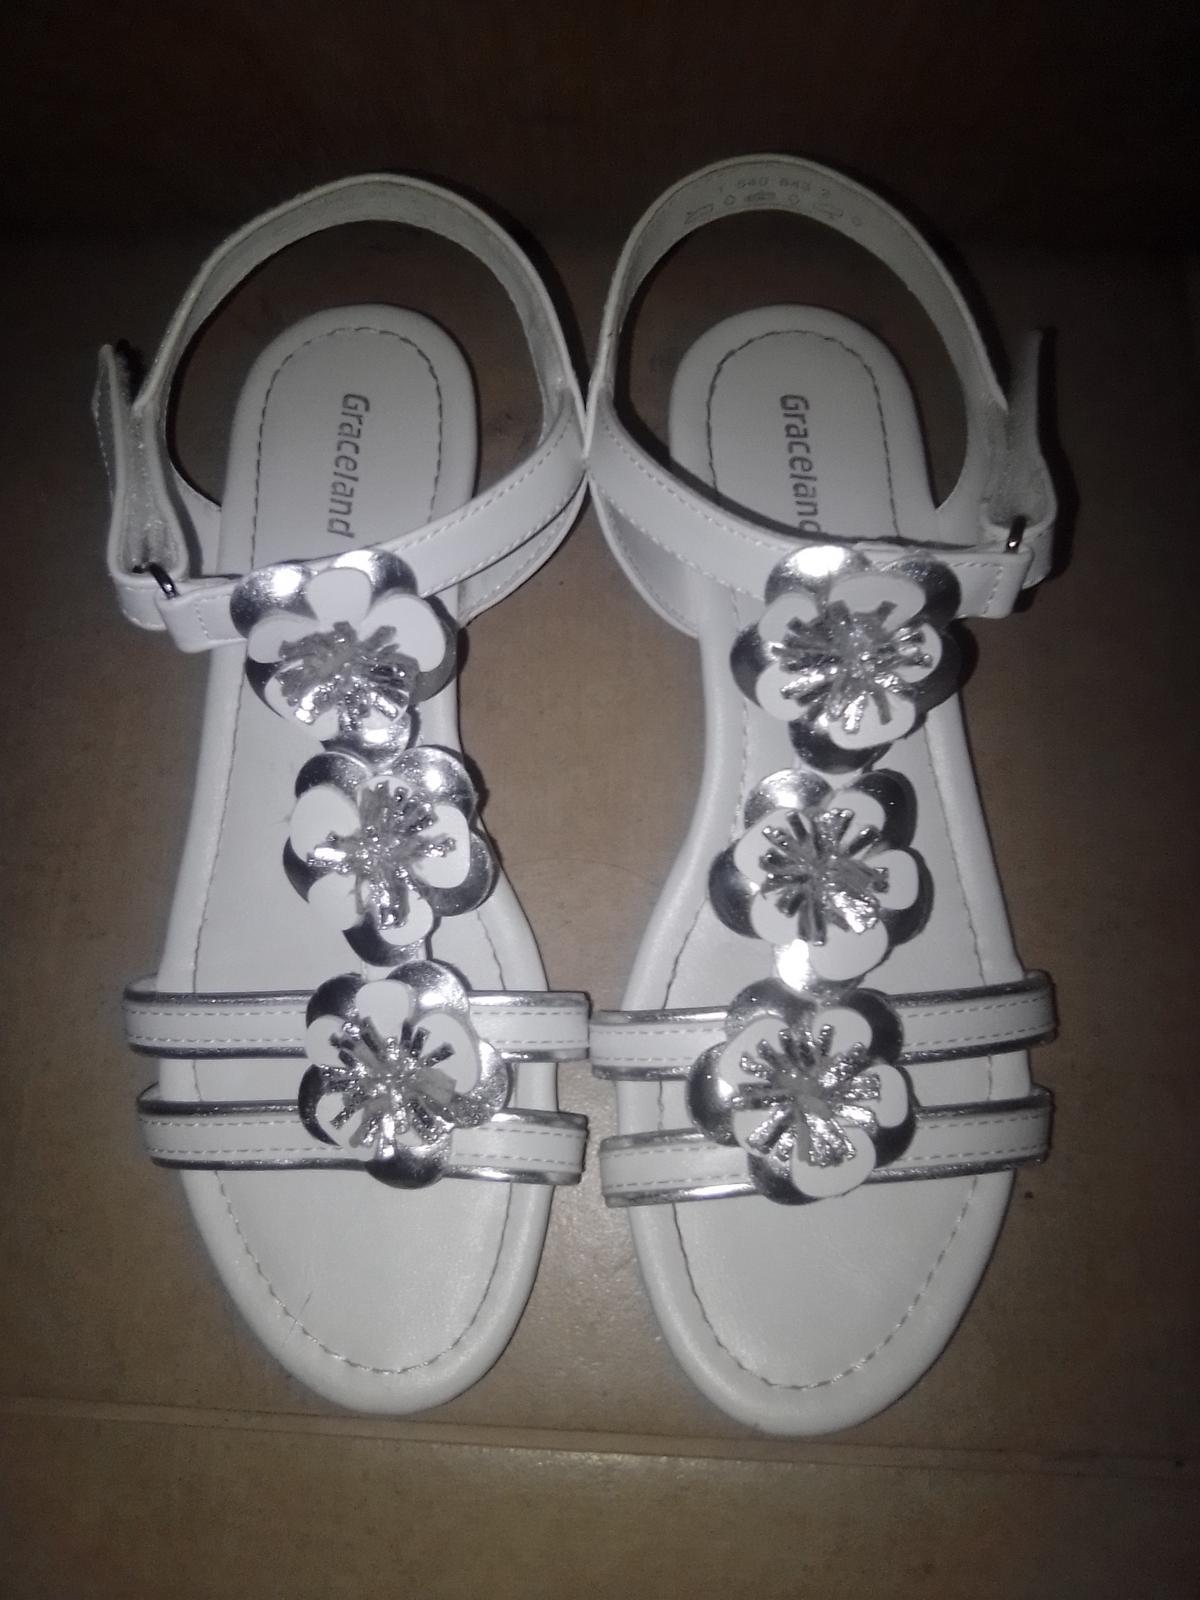 Bielostrieborné sandálky - Obrázok č. 1